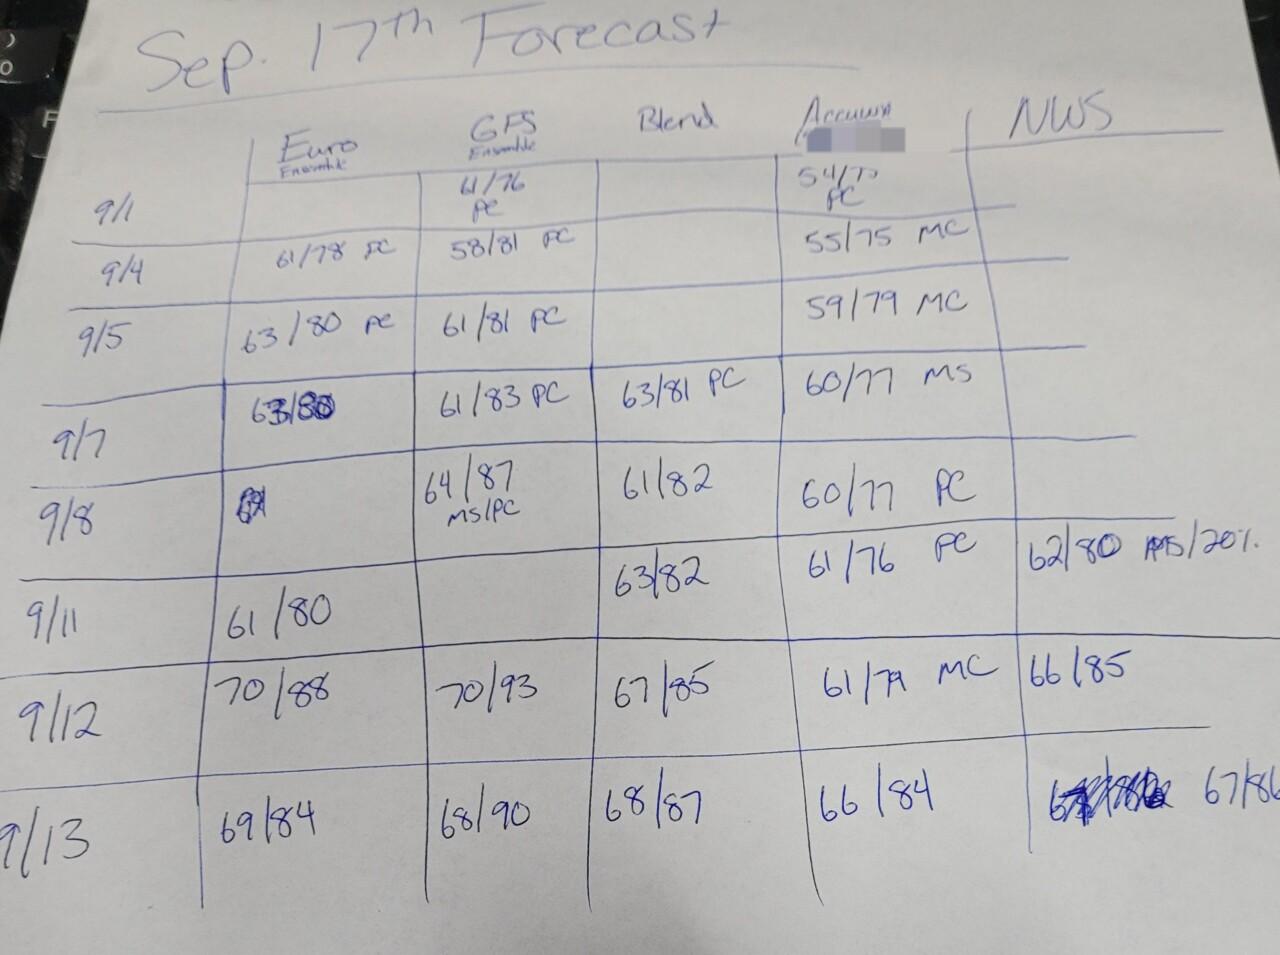 Forecast Table.jpg